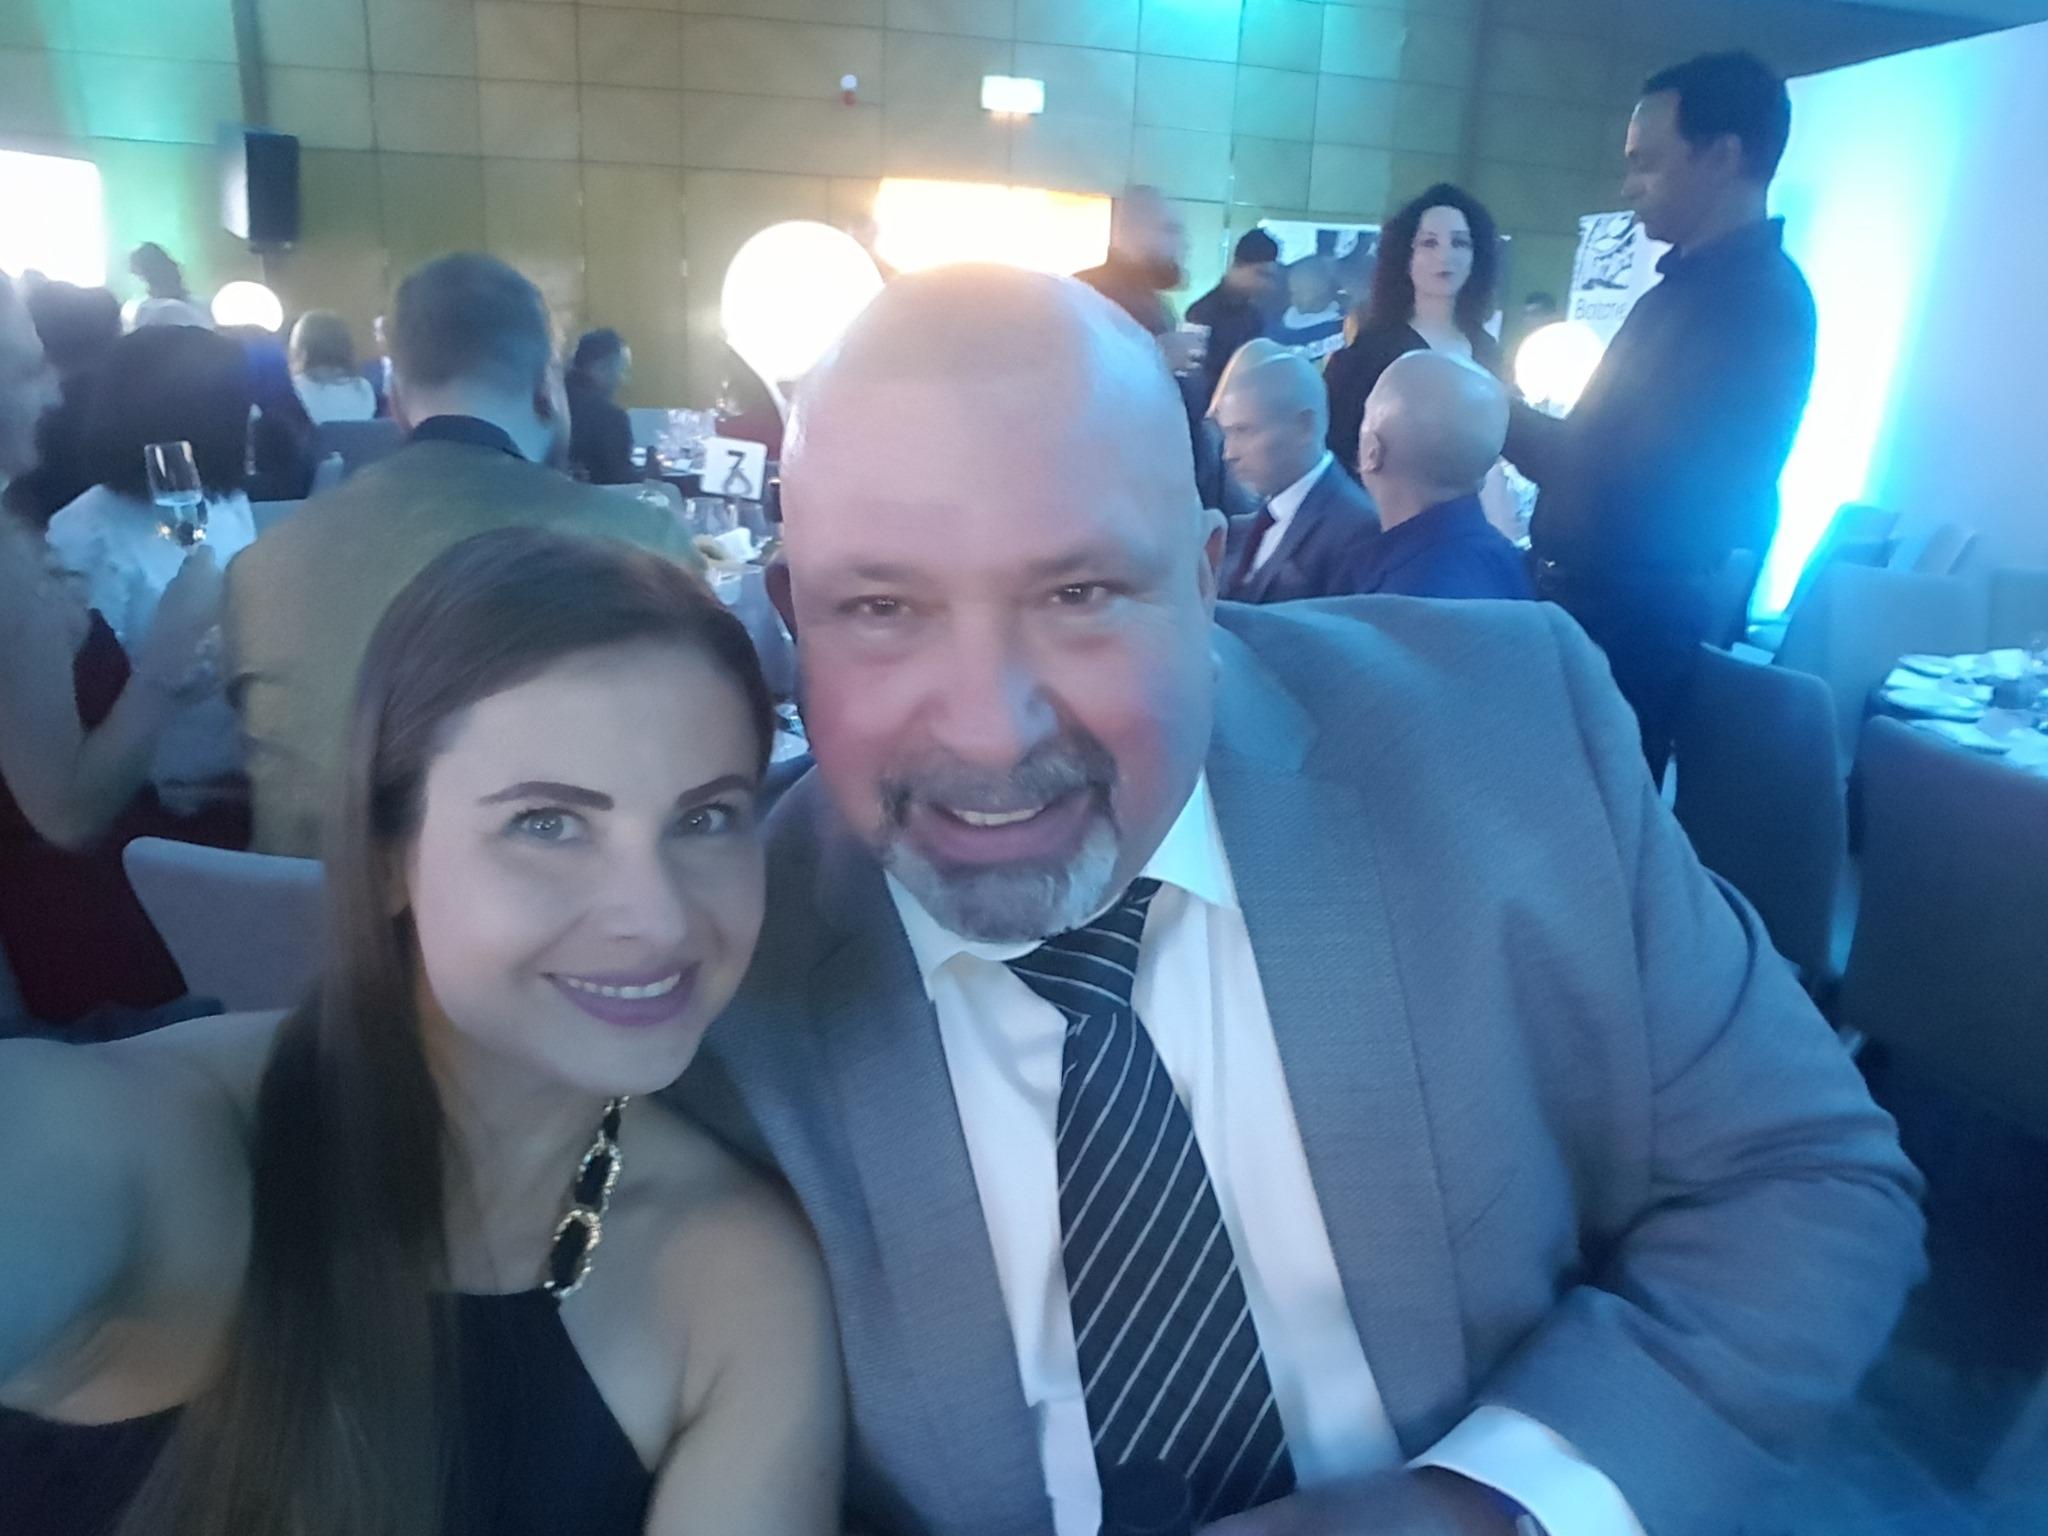 SMP awards 2019 SCALP expert El Truchan